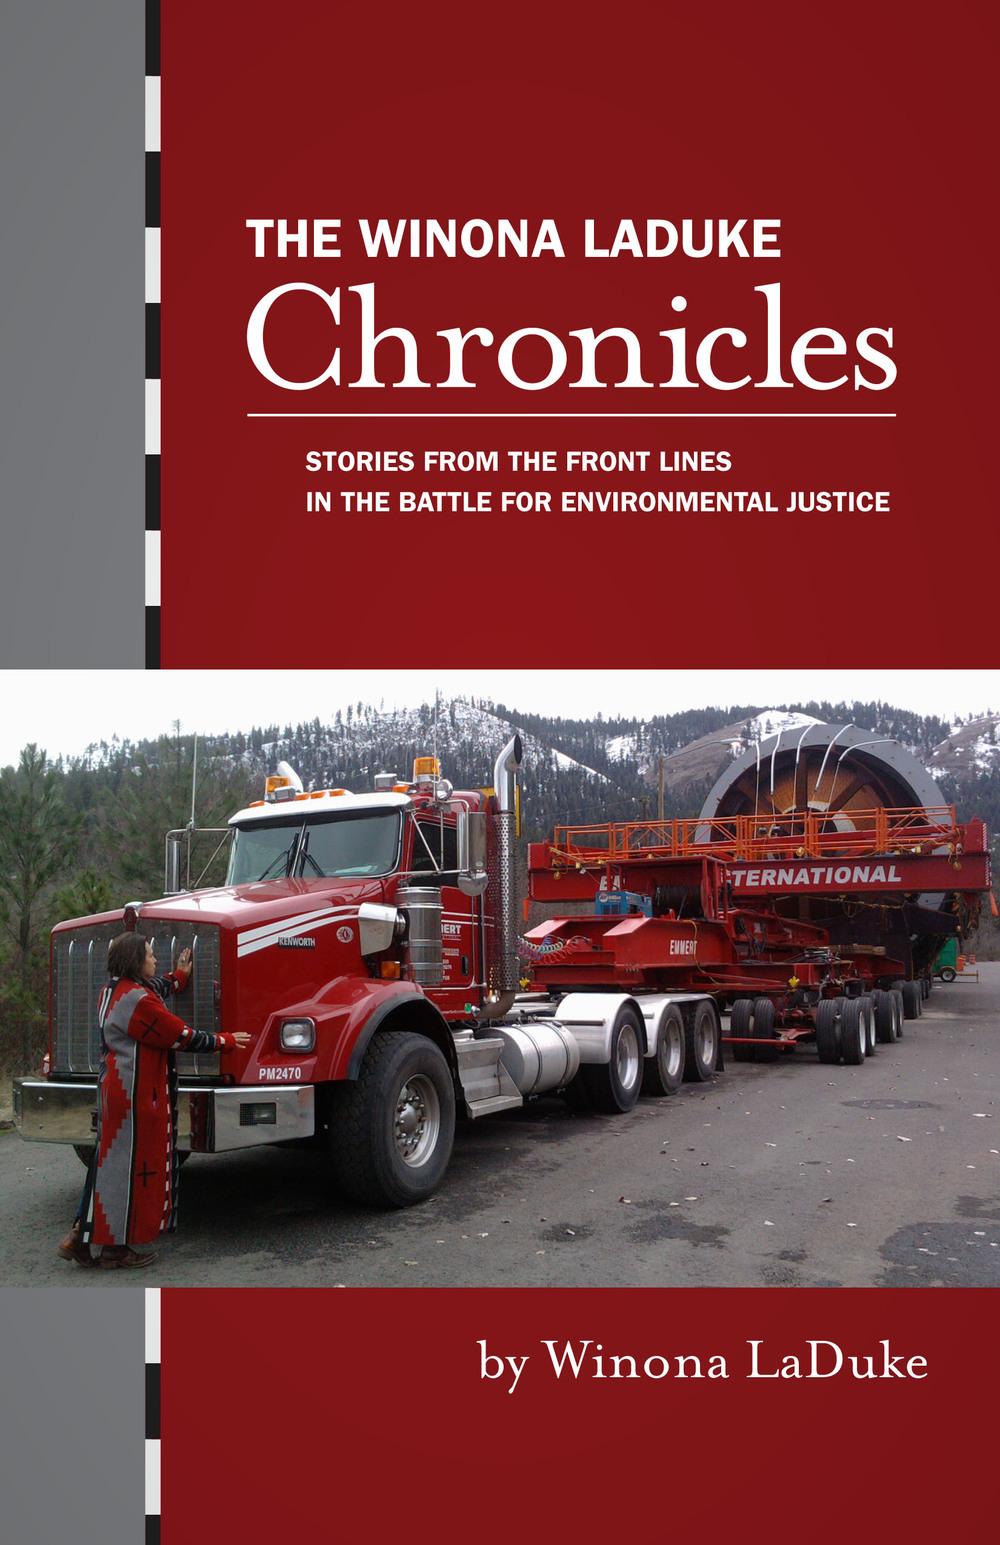 Chronicles coverR3-1.jpg